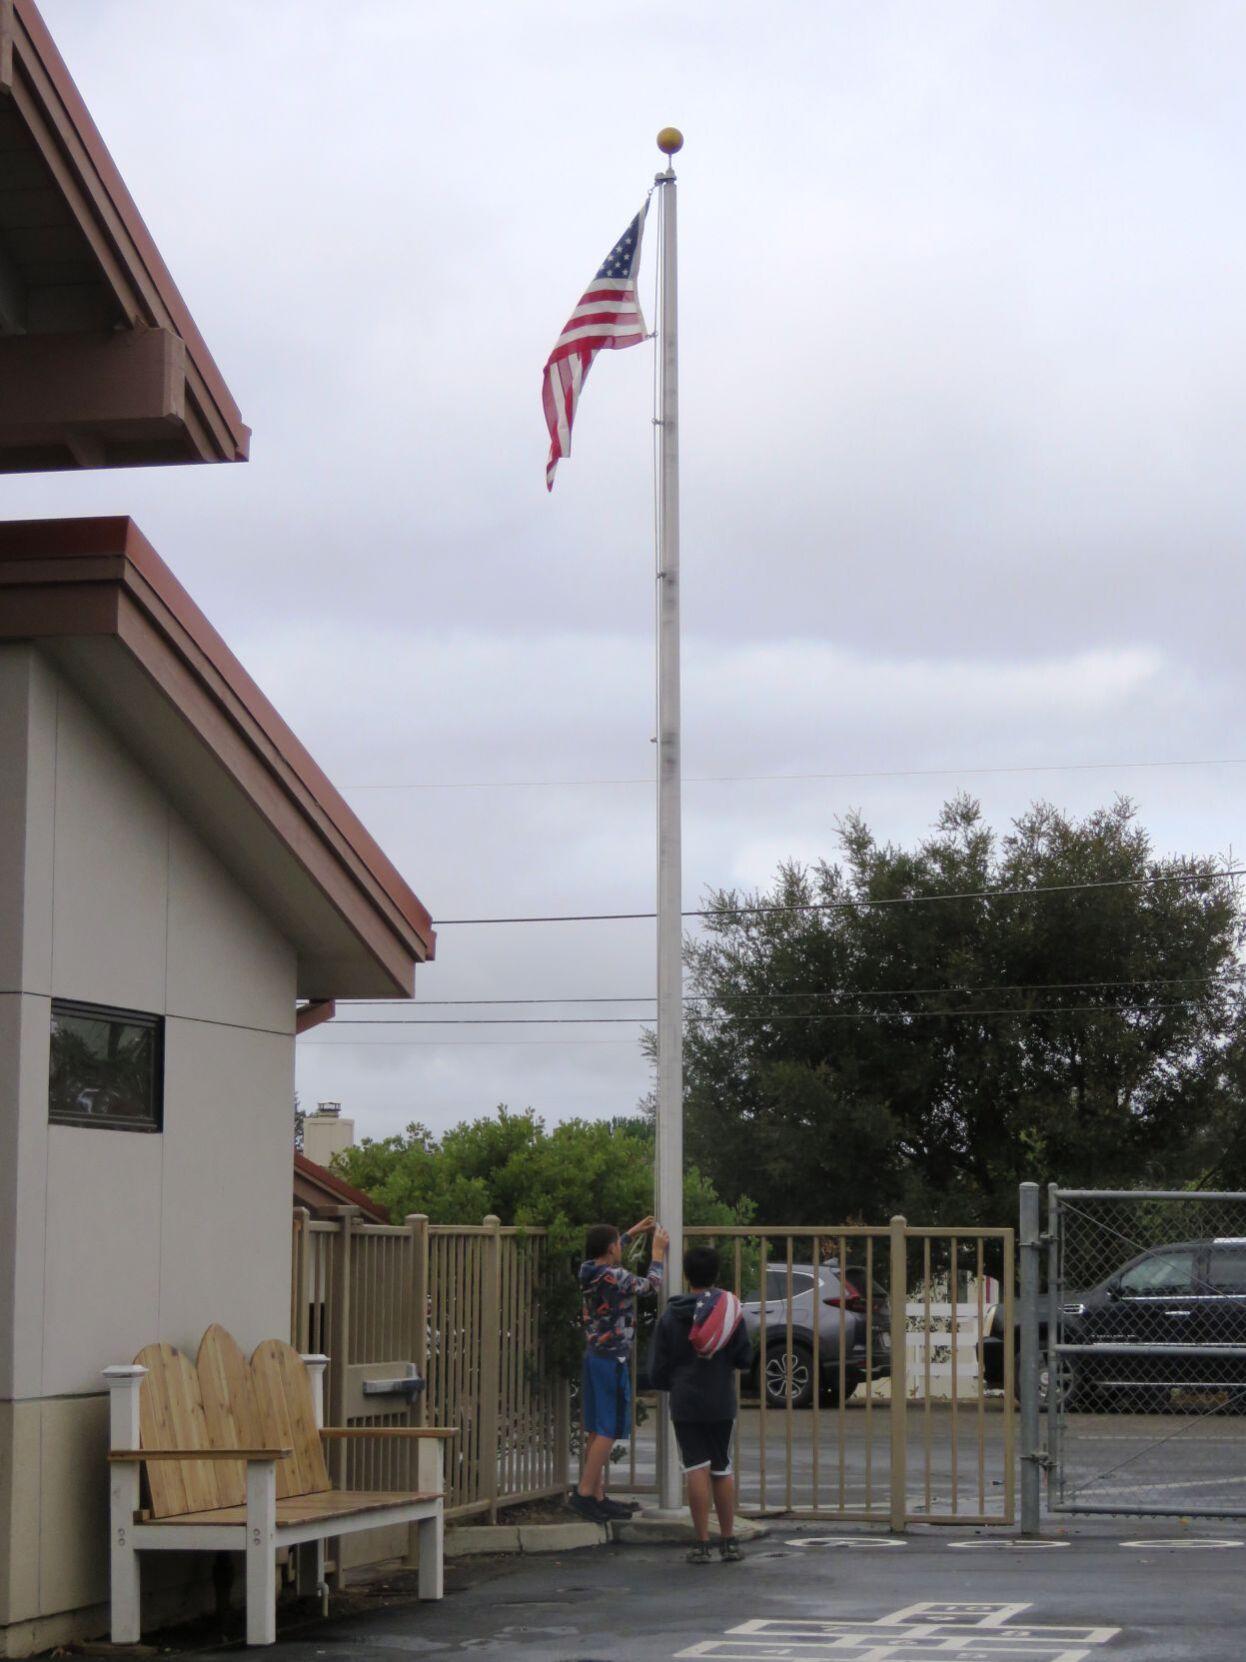 101121 Carbajal flag 1.jpeg